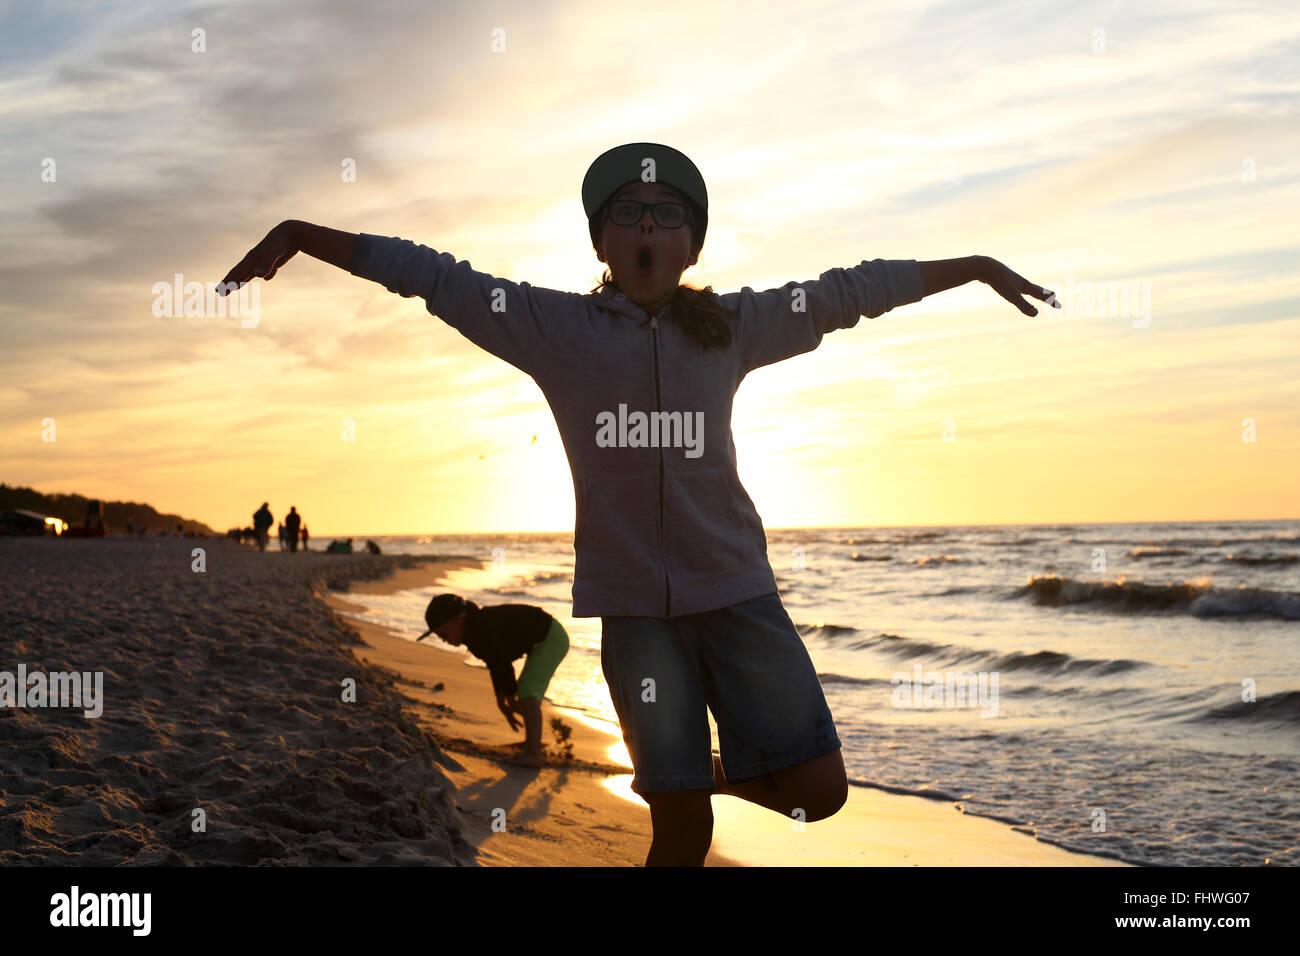 Vacanza! La ragazzina salta in alto su una spiaggia di sabbia Immagini Stock